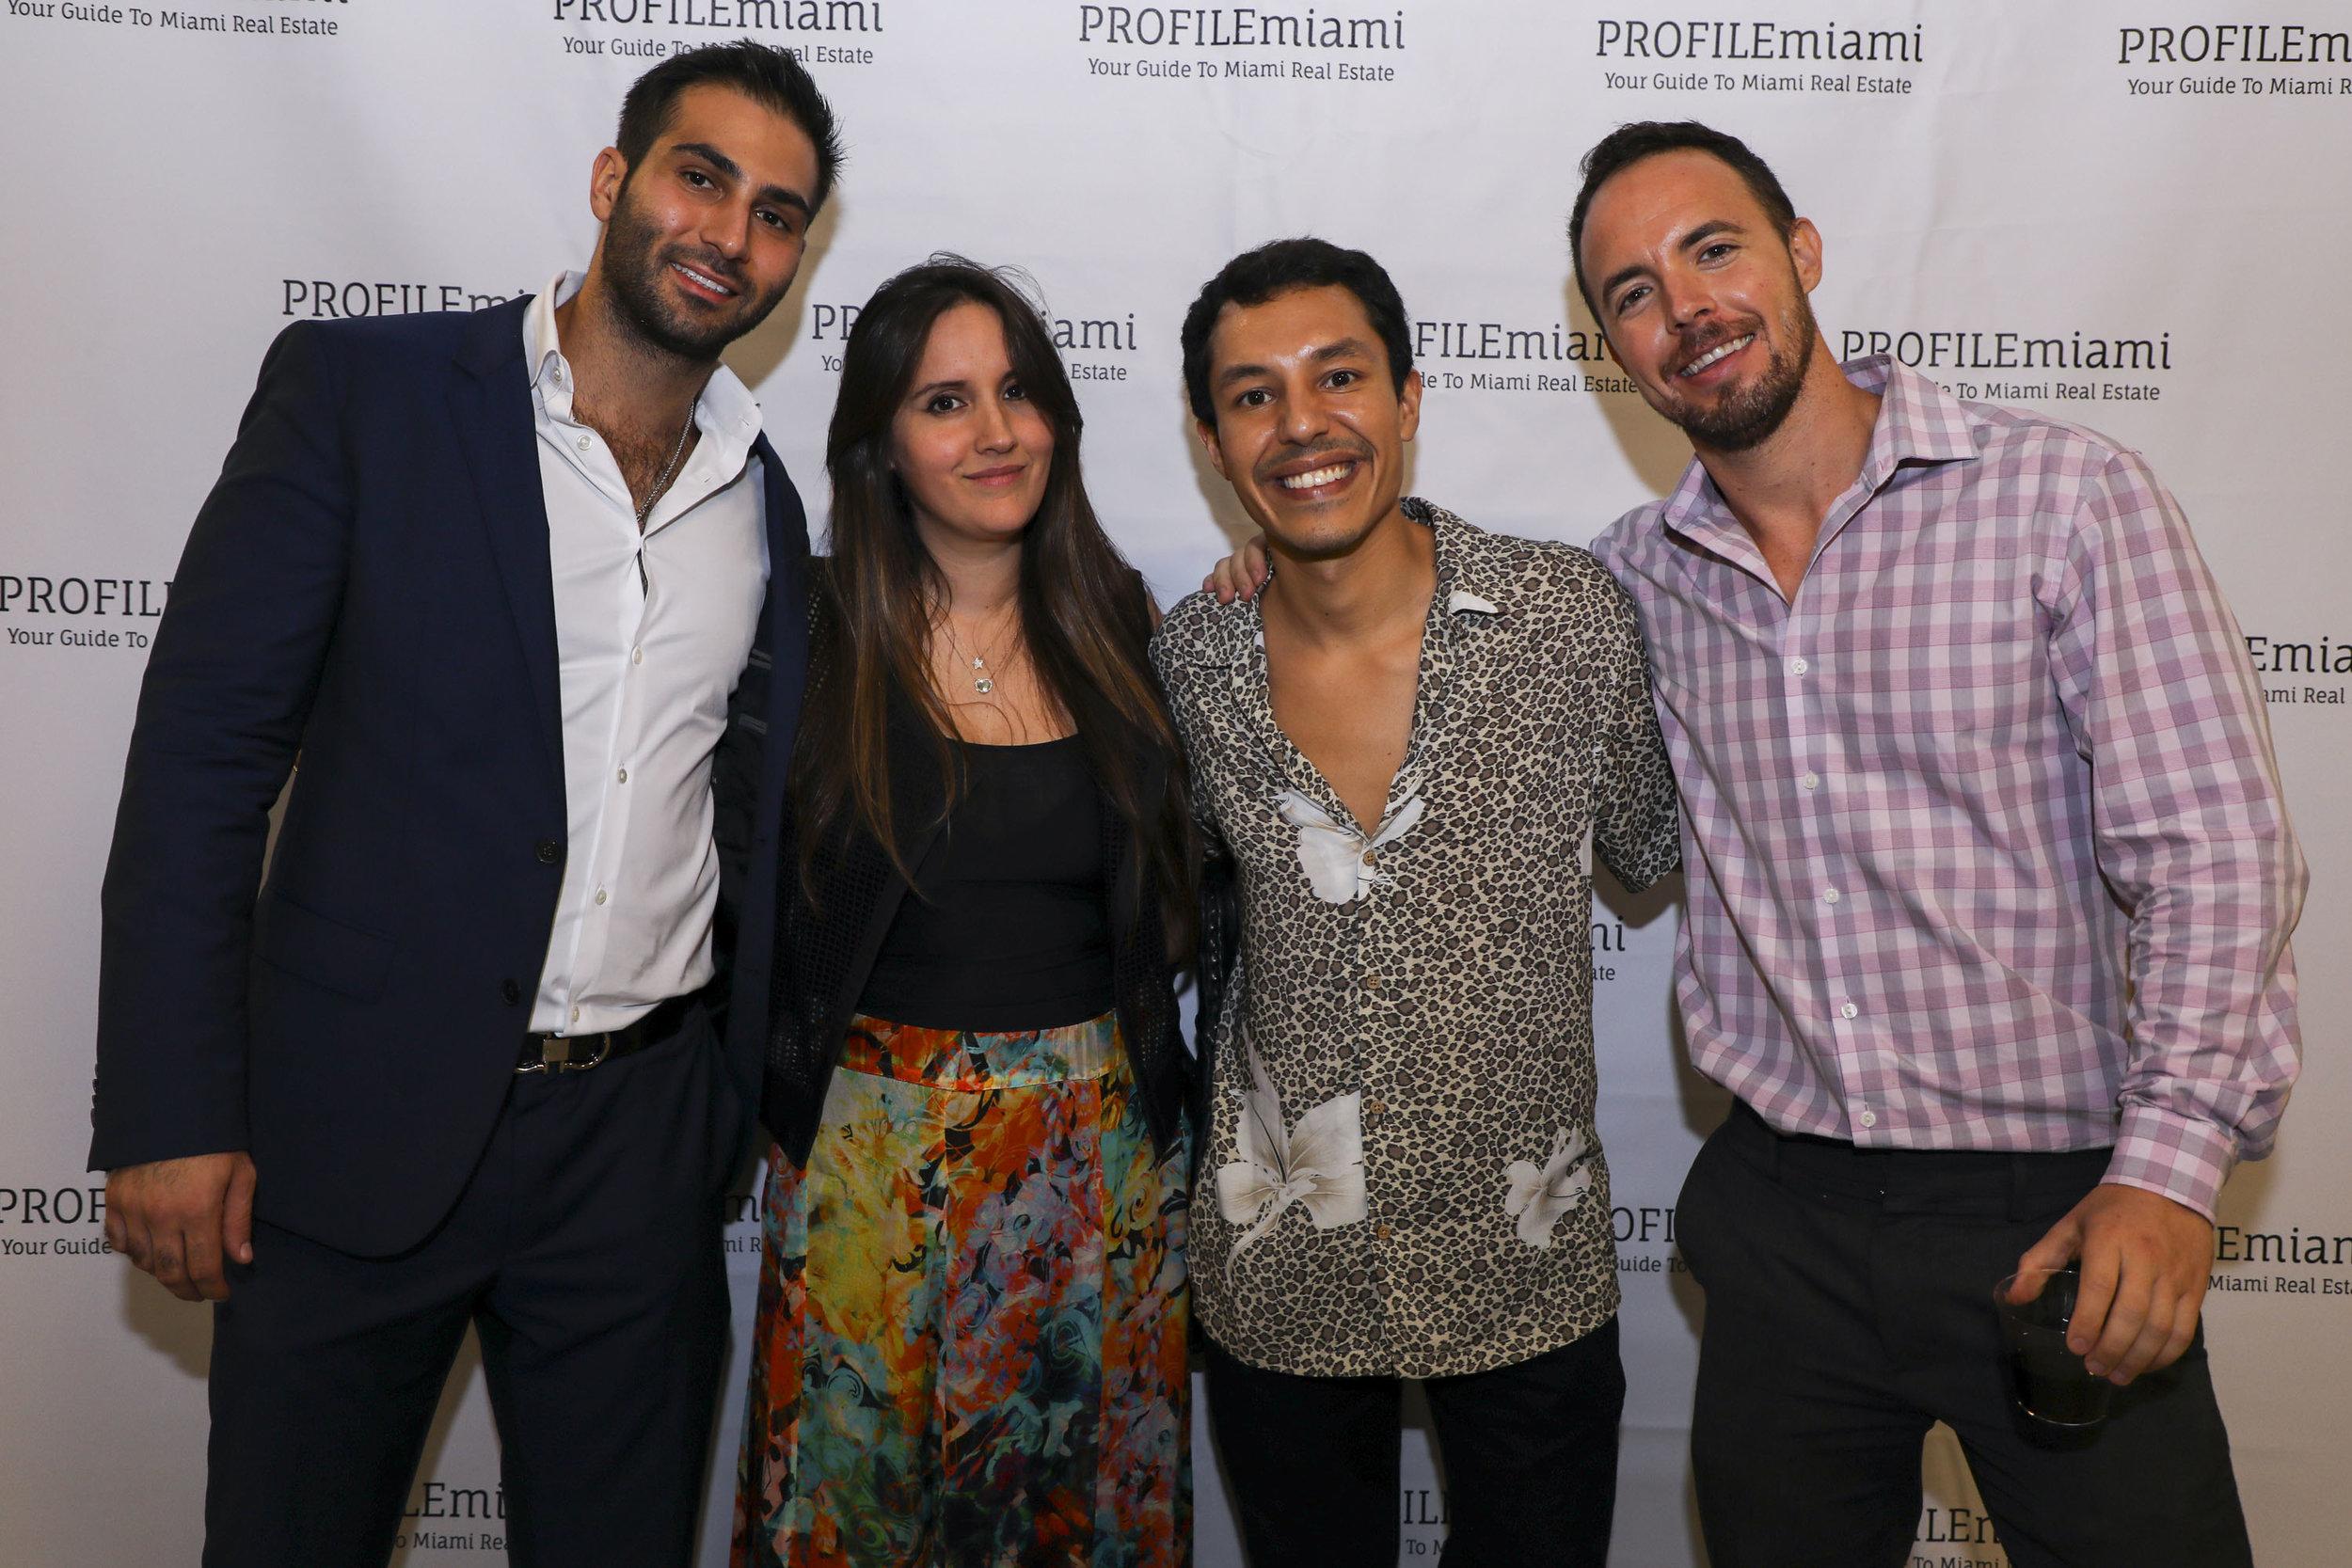 Demetri Demascus, Diana Uribe, David Miranda and Drew Tucker.